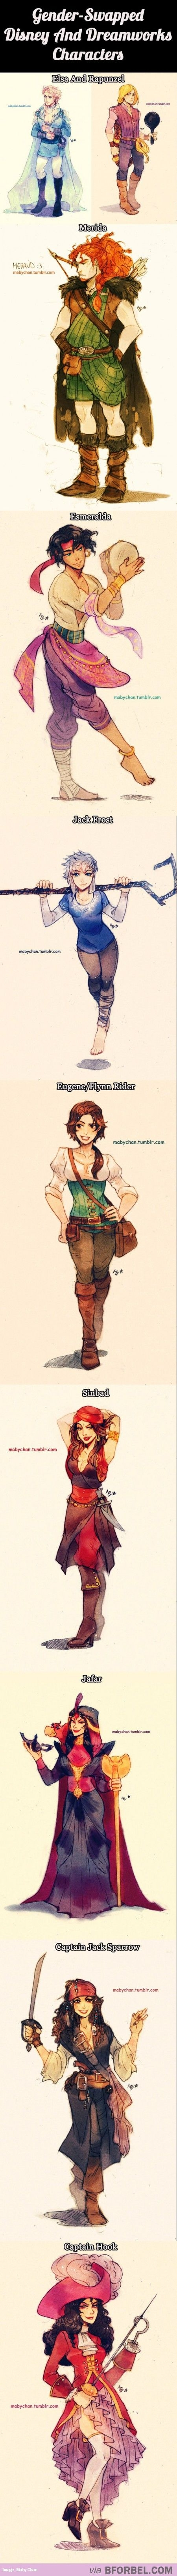 Chciałabym zobaczyć bajkę Disney'a w której głównym bohaterem byłby chłopak [wiem, że taki istnieją] ale coś w innej odsłonie jak w tym